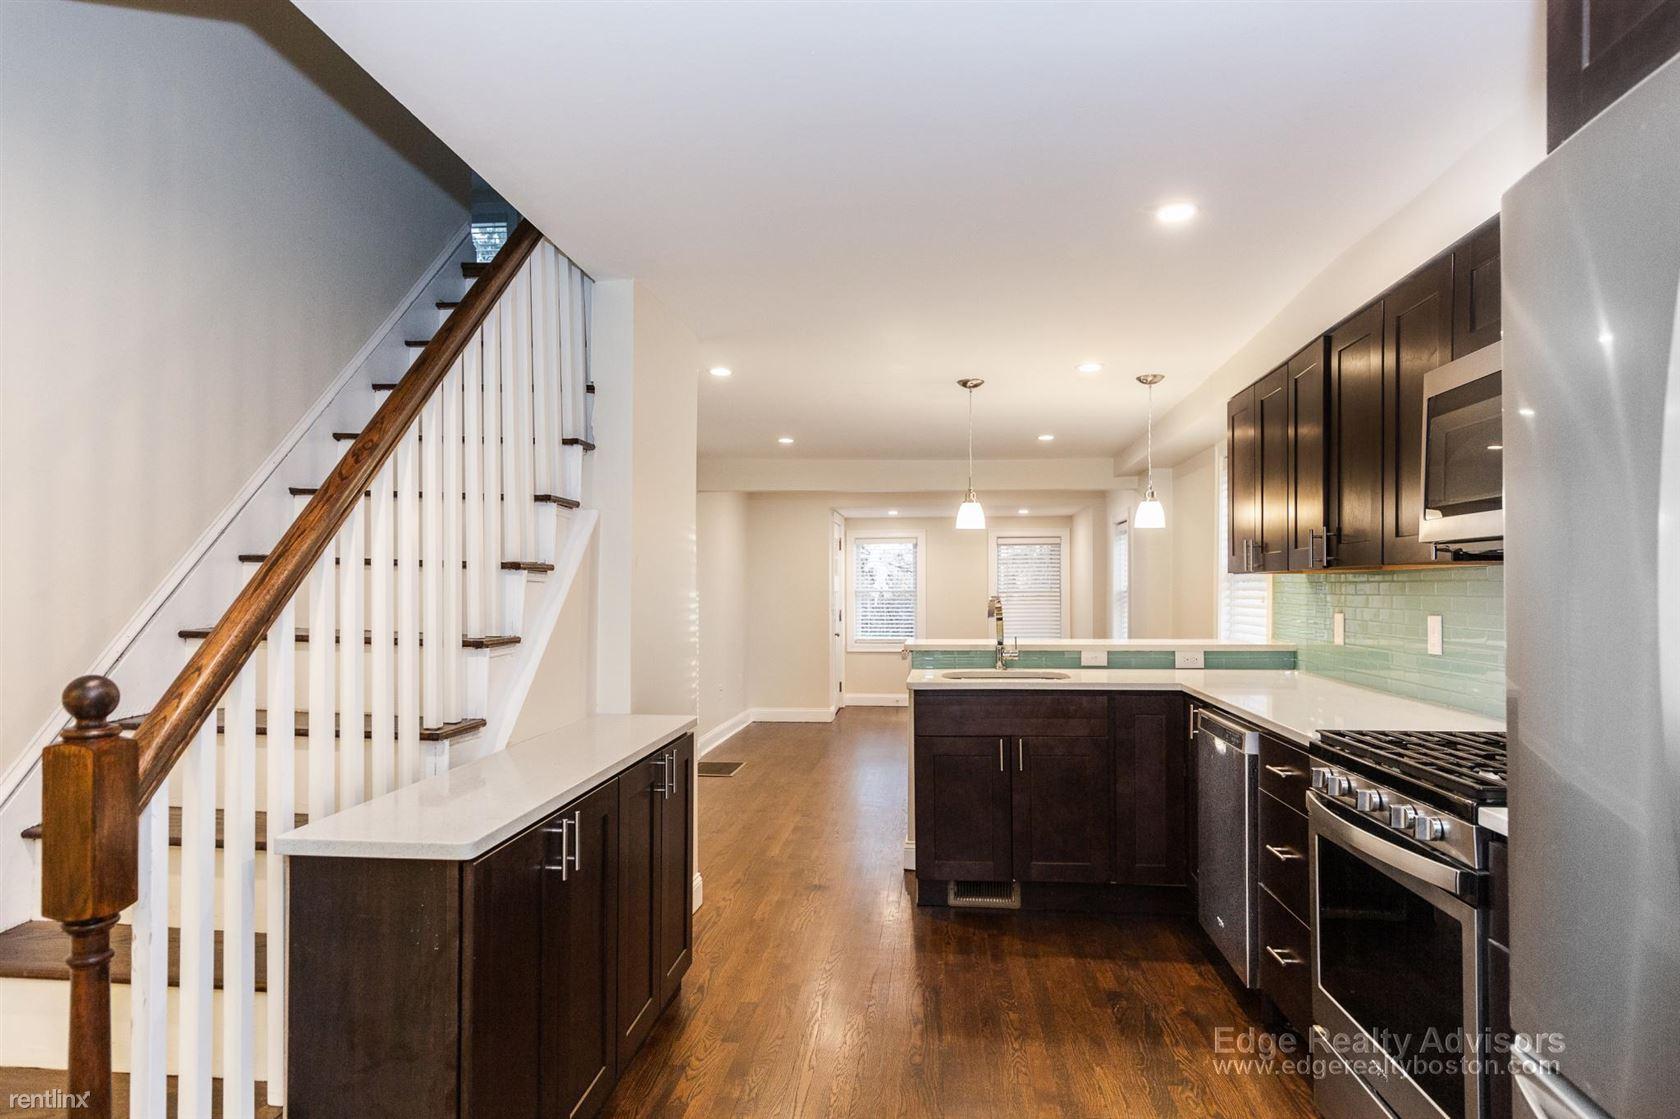 32 Harvard St, Medford, MA - $5,600